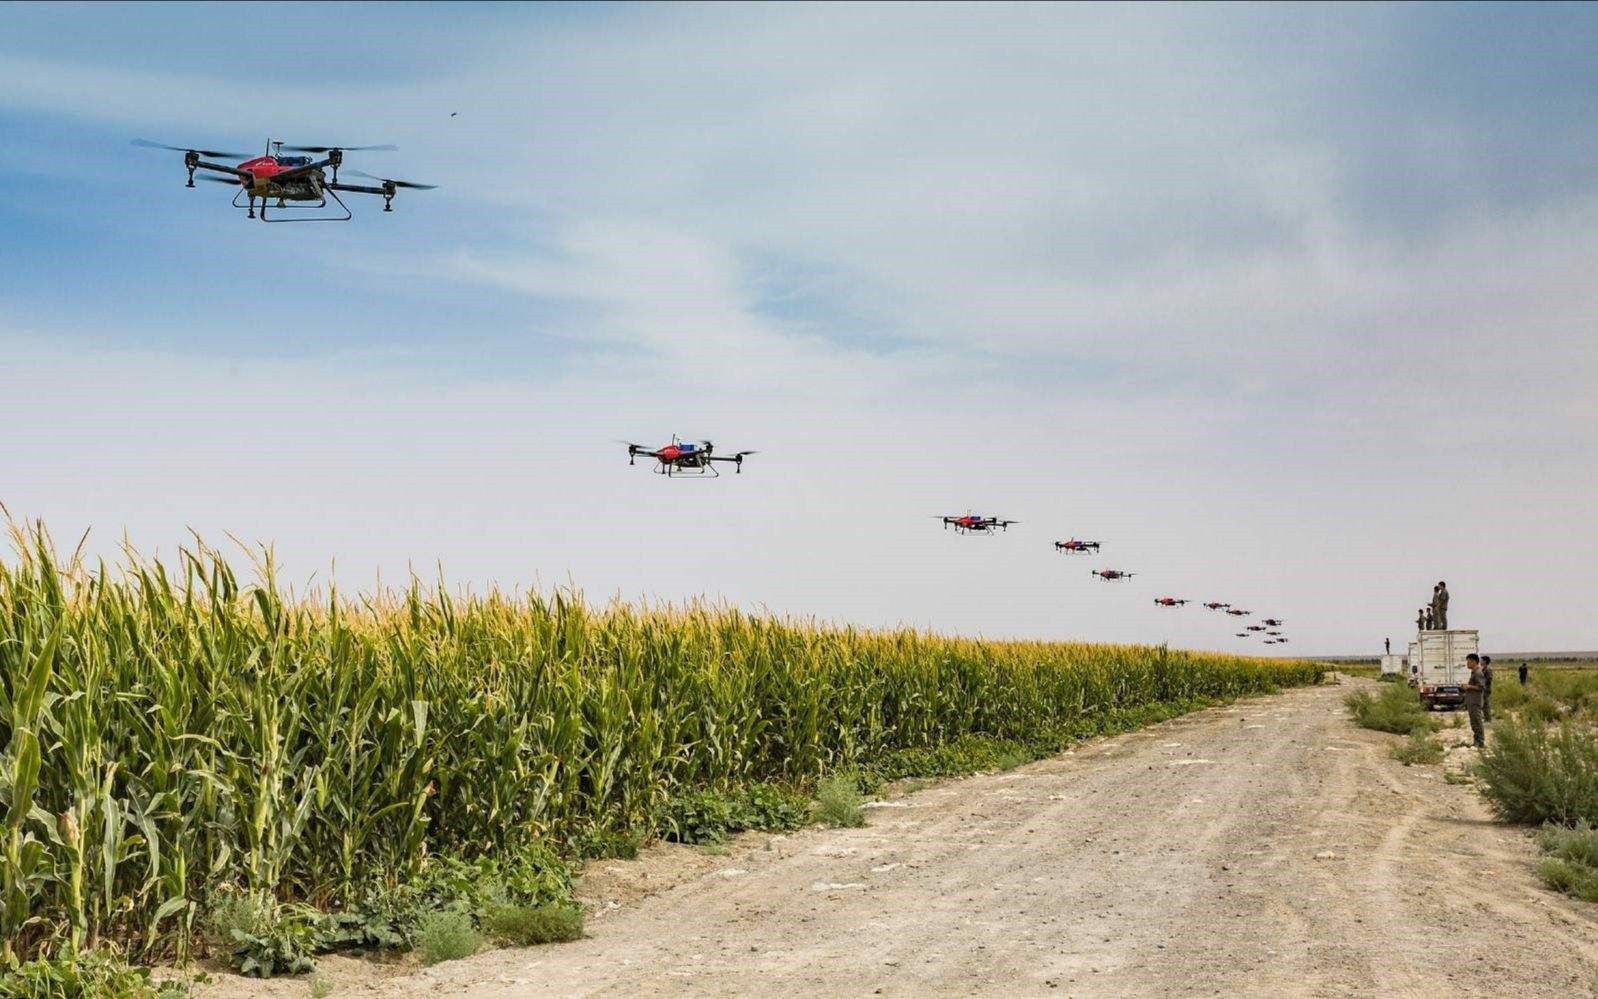 甘肃省2018-2020年农机新产品及植保无人飞机购置补贴试点实施方案的通知